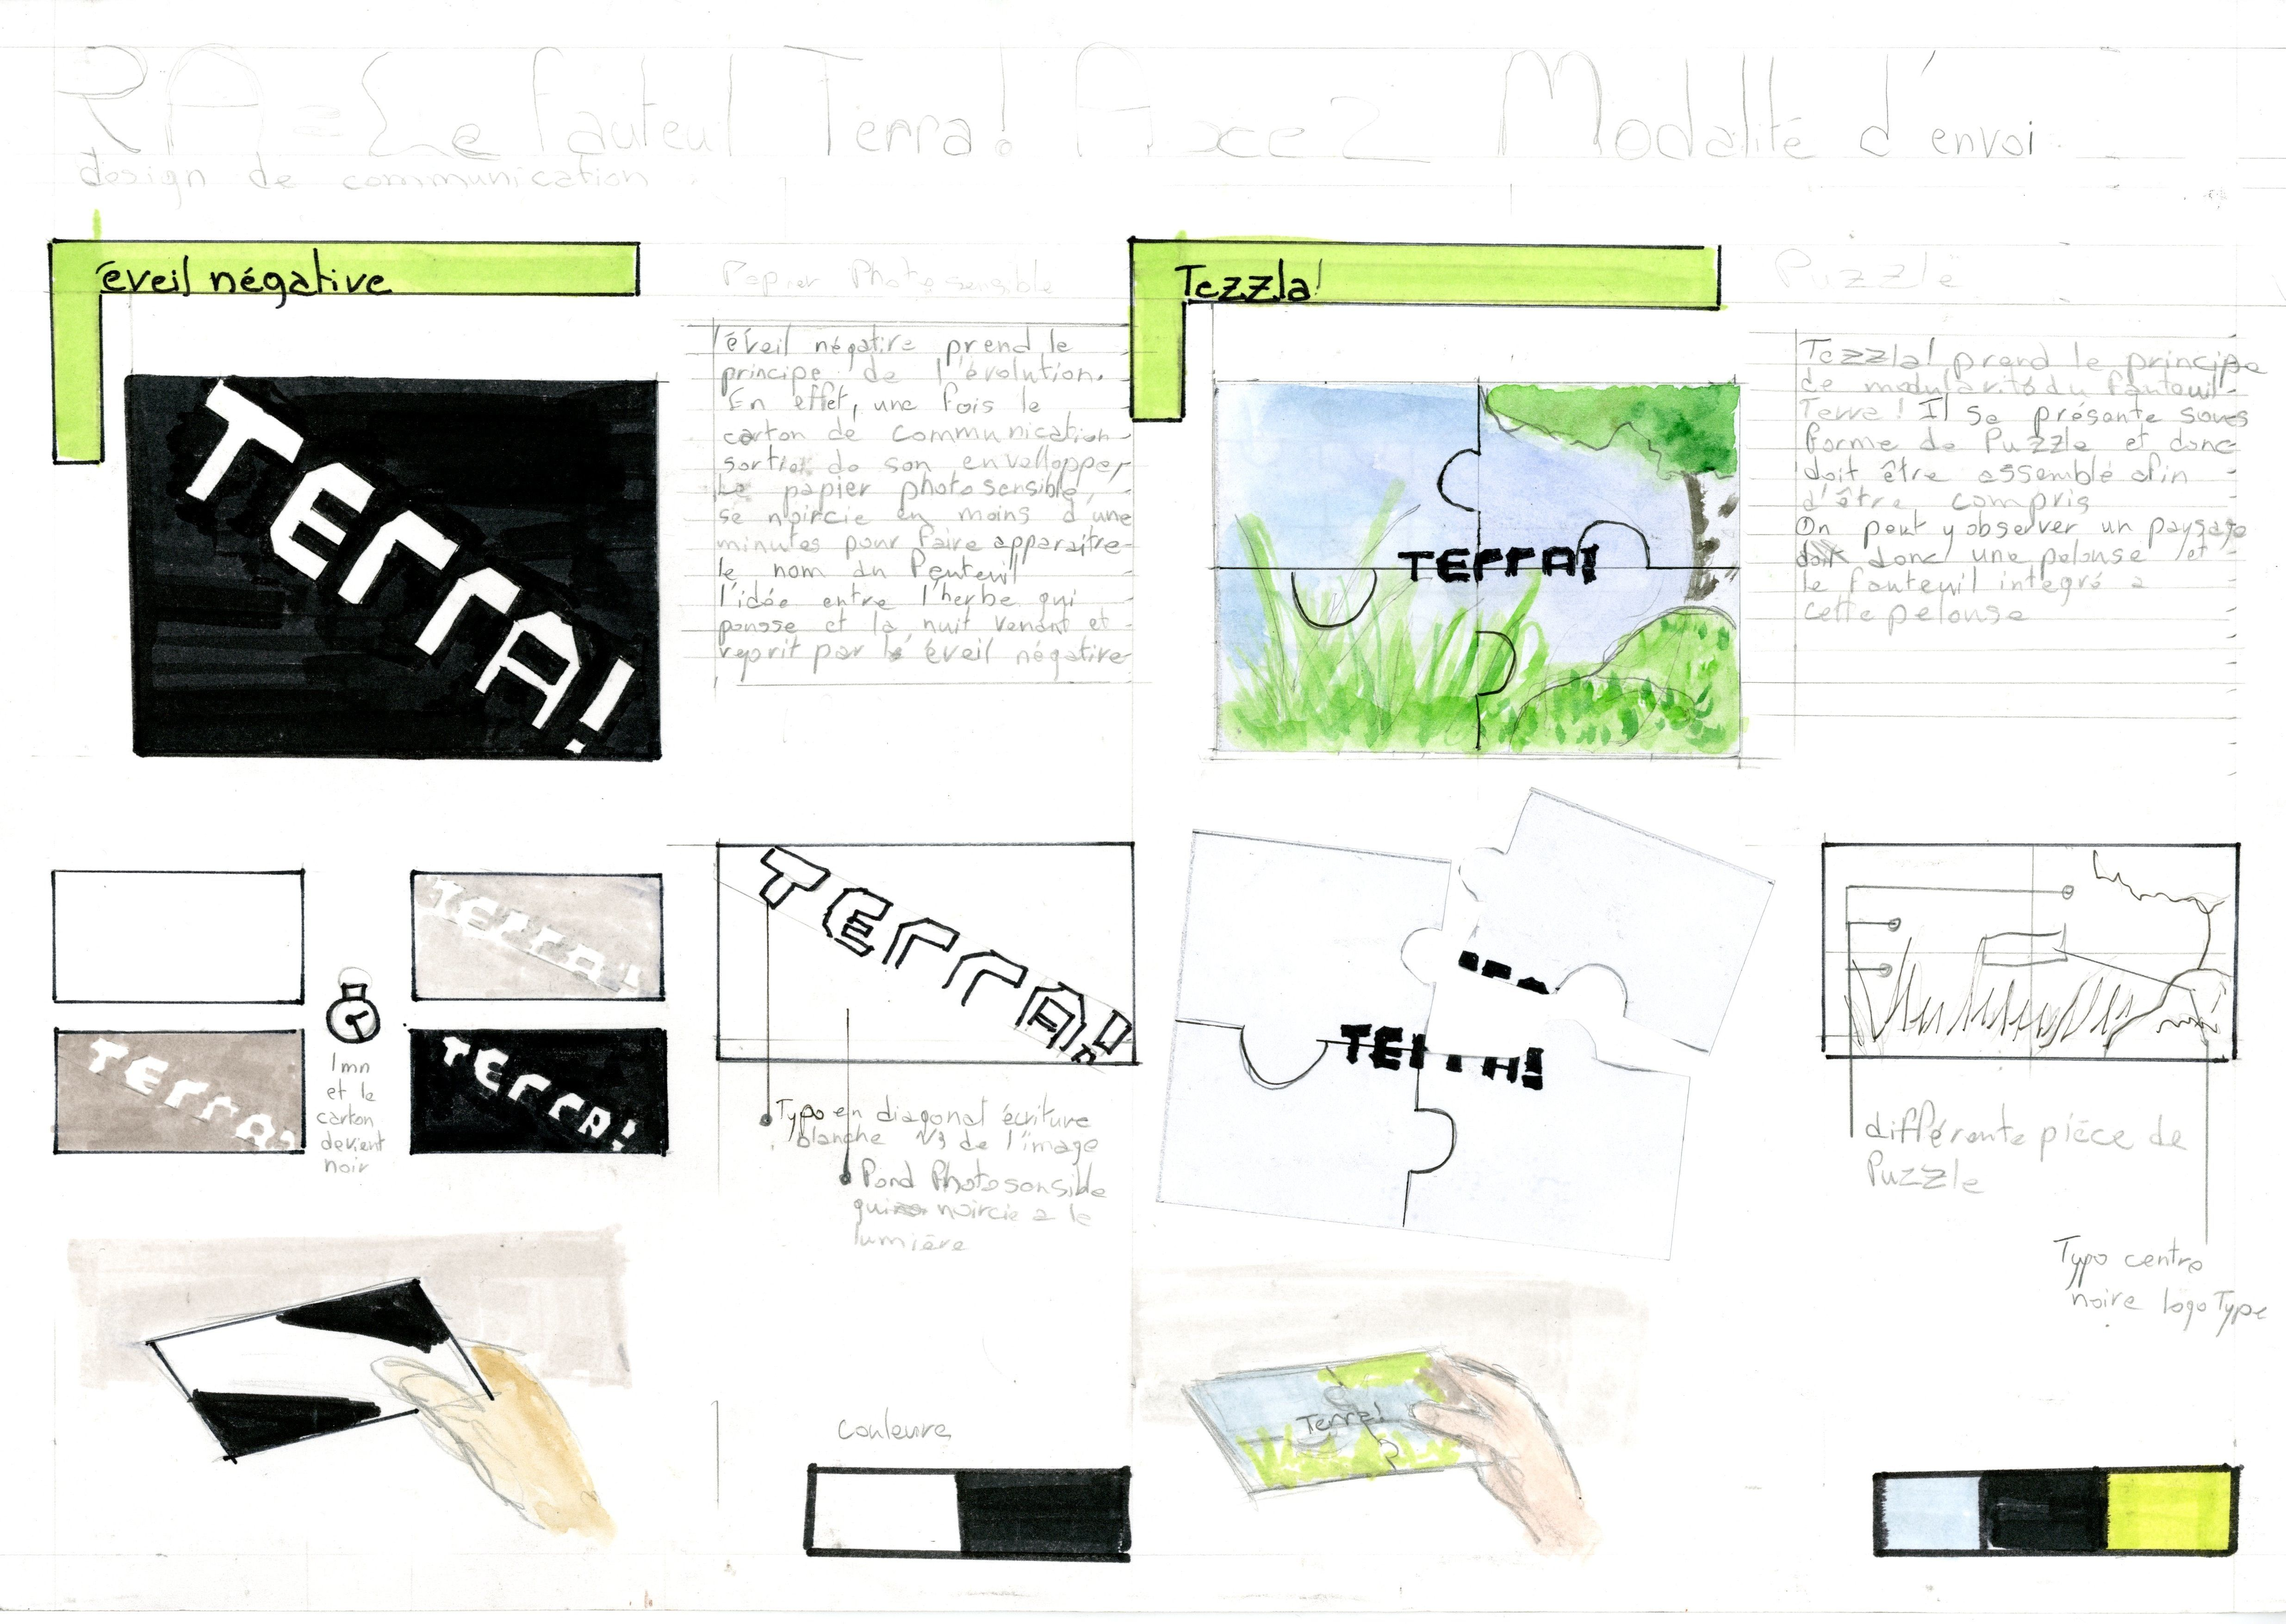 Planche Recherche Appliqus Fauteuil Terra Et Carte De Visite 2 3 Fait LEBTP Vincennes